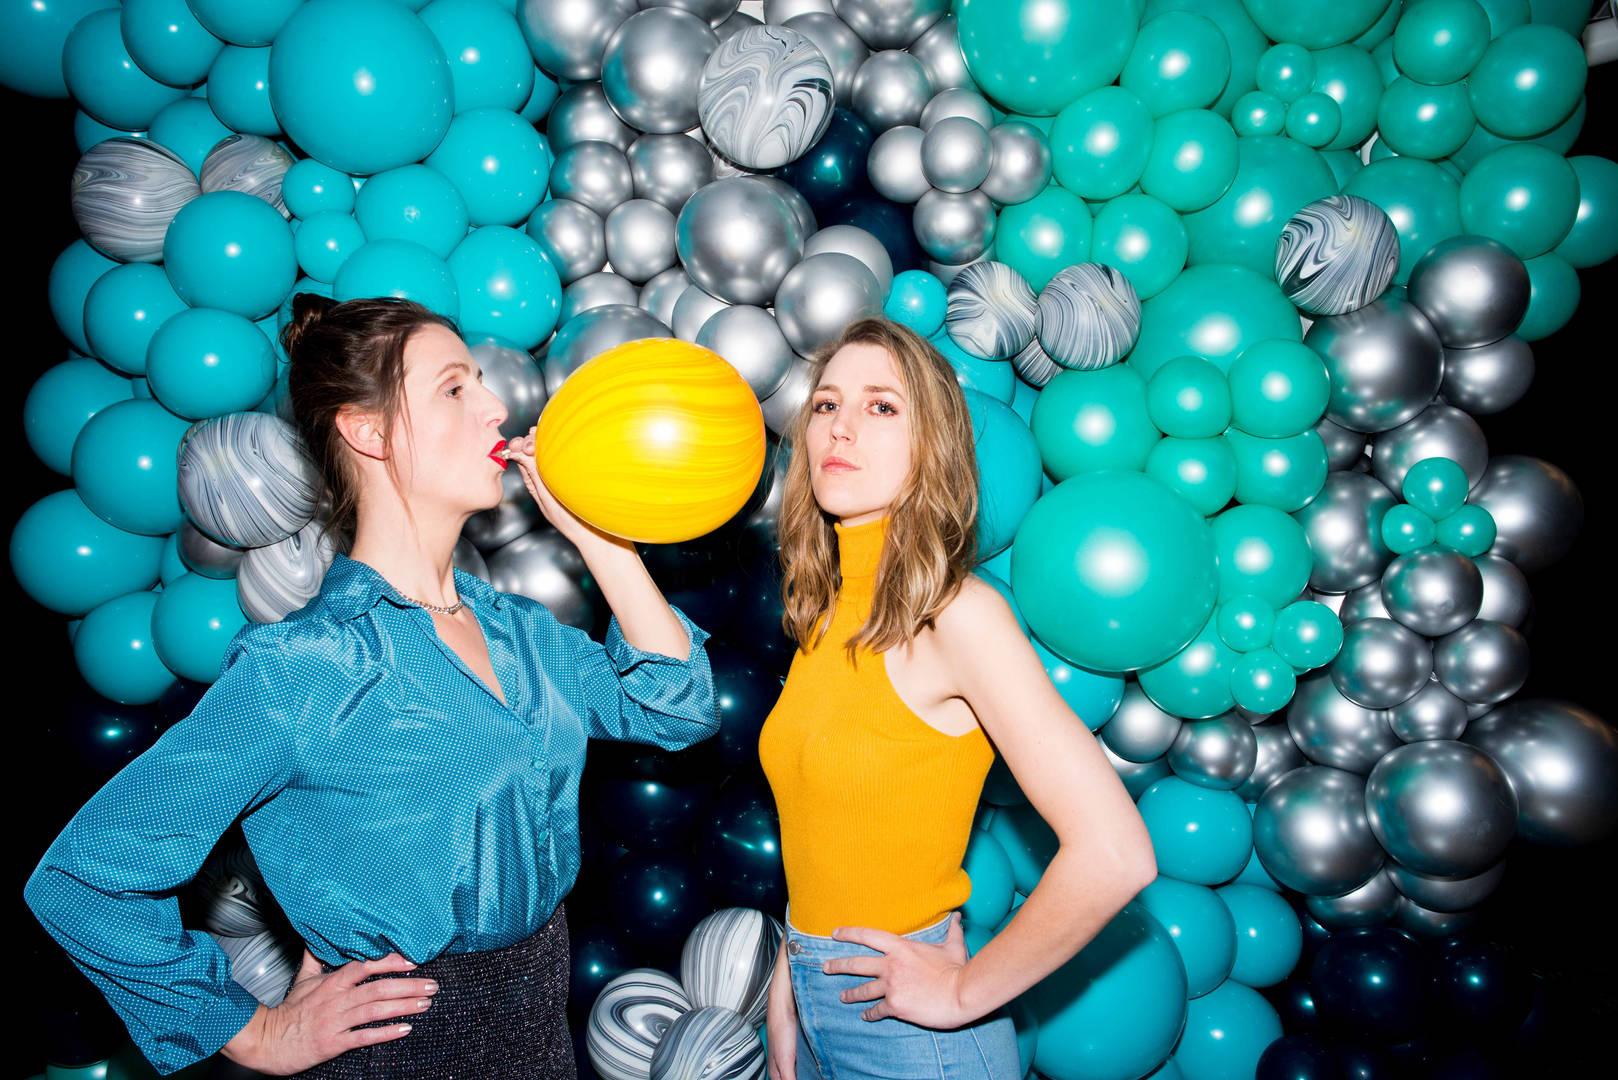 Femke (36) en Marjolein (33) uit Amersfoort. Samen verzorgen zij met hun bedrijf Your Balloons de ballonstyling op exclusieve feesten, evenementen en festivals.   Femke: 'Wat wij doen met ballonnen vult letterlijk de ruimte. Juist omdat het on-nederlands is om groots uit te pakken op feesten, zijn wij met onze ballonstyling pioniers op dit vlak en hebben we het gevoel dat de wereld aan onze voeten ligt. Opdrachtgevers zijn vaak blij met de exclusiviteit die we bieden, we hebben samengewerkt met merken als Moët, BWM en RTL. Ook stylen we met onze ballonnen grote evenementen in onder andere het Okura Hotel en het W Hotel in Amsterdam.' Marjolein: 'Onze particuliere klanten zijn voornamelijk mensen die veel waarde hechten aan het geven van een goed feest. Het wordt vaak onderschat wat een beetje  professionele aandacht voor een feest kan doen. Onze ballonneninstallaties kunnen een feest echt máken. Tegenwoordig vieren mensen meer dan alleen een verjaardag of bruiloft. We stylen regelmatig ook babyshowers en gender revealparty's met onze ballonnen. Femke: 'Het gekke is dat we vaak ergens binnen komen met niks - slechts een paar koffers gevuld met lege ballonnen - en wanneer we de ruimte verlaten is er echt iets wezenlijks veranderd.' Marjolein:   'Nederlanders zijn gewend om alles voor een feestje zelf te doen, ik denk  voornamelijk om geld te besparen. De meeste mensen denken; ik kan toch zelf wel een paar ballonnen opblazen? Maar als ze zien wat wij doen, komen ze daar gauw van terug.'